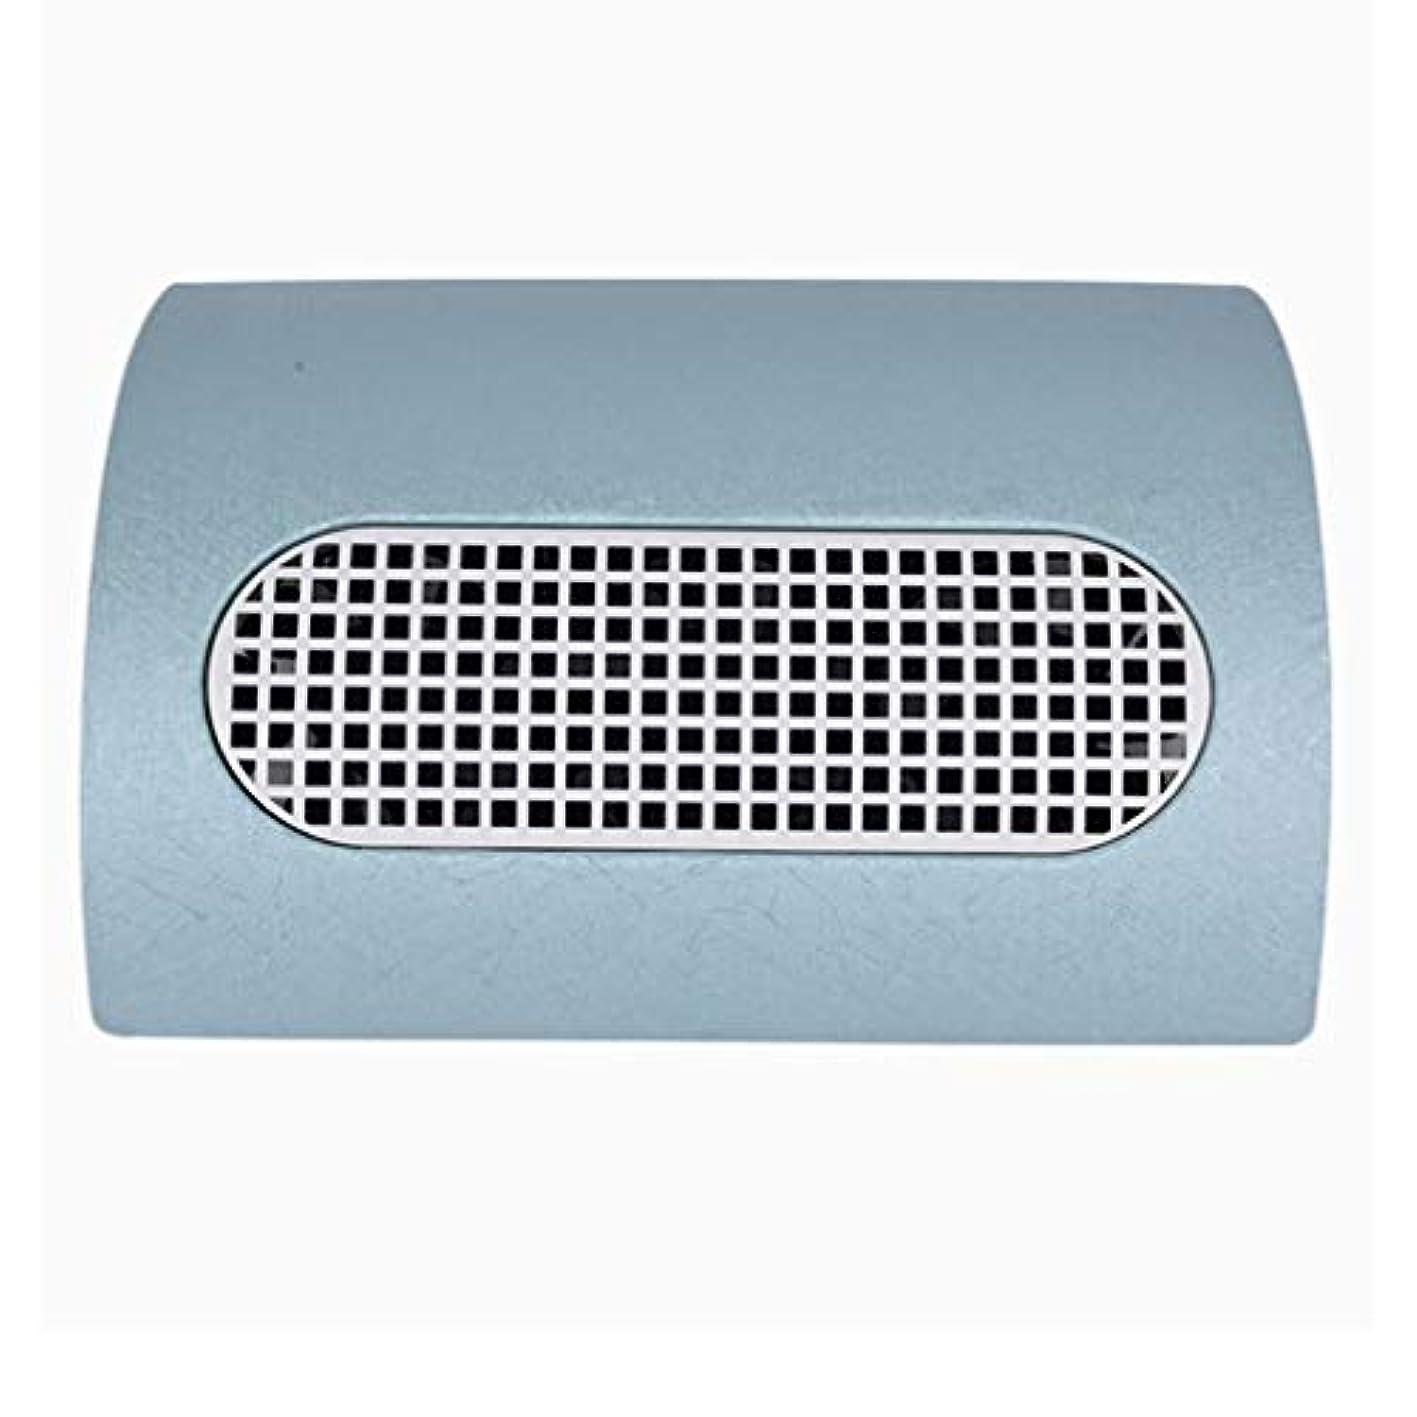 新着オペラカウンタ3つのファン釘の塵のコレクターのマニキュア機械 15W 2 つのレベルの速度を調節する釘の集じん器の釘の塵2の塵袋,ブルー